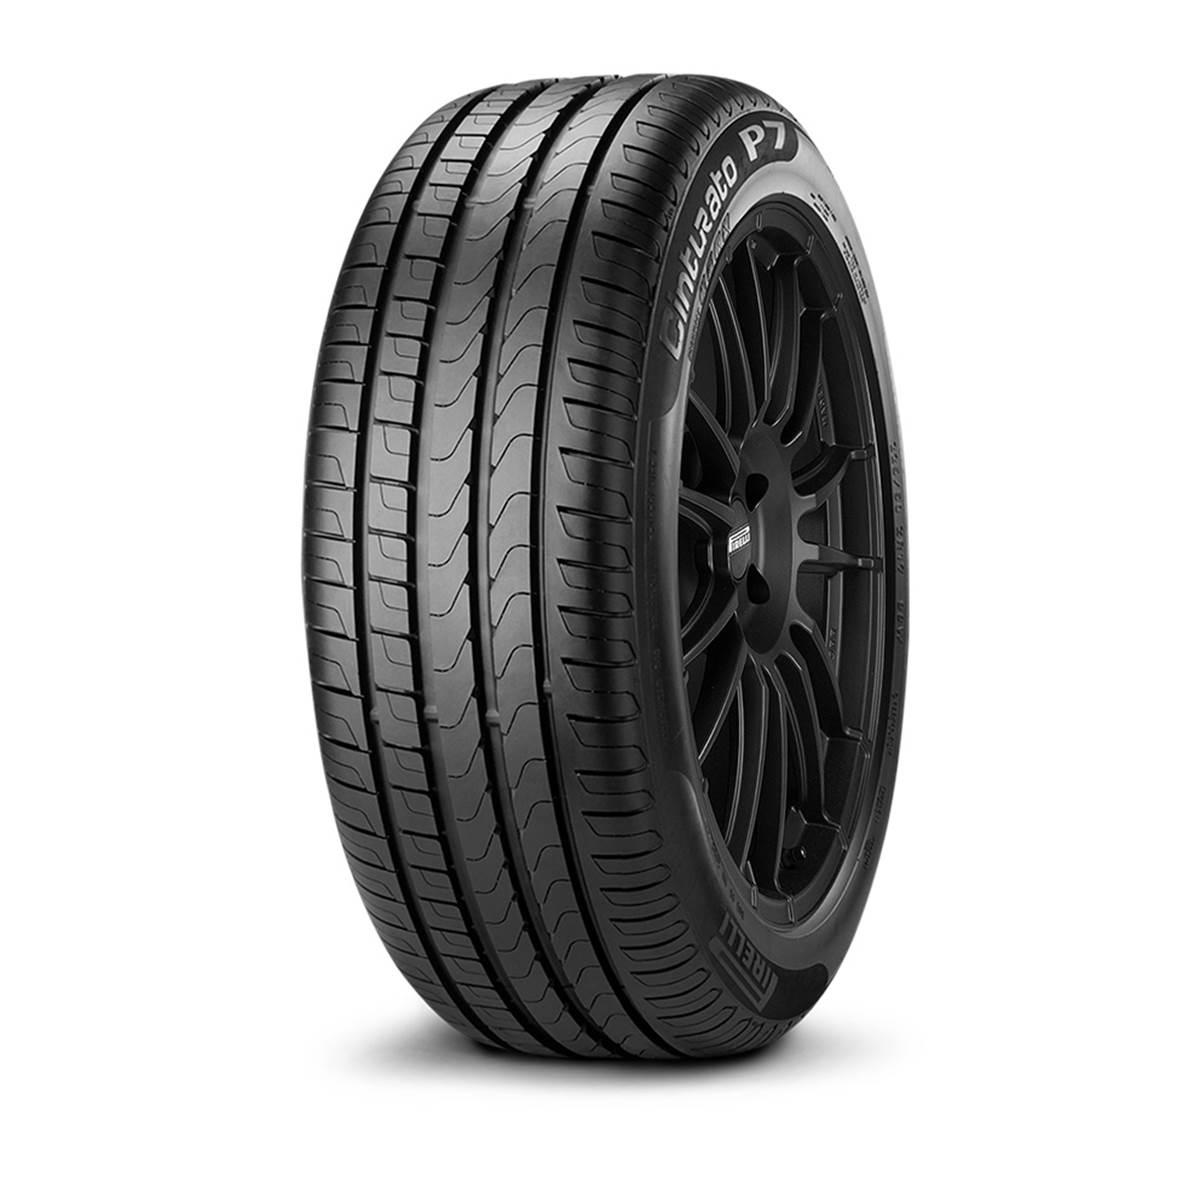 Pneu Pirelli 245/45R18 100Y Cinturato P7 homologué BMW XL